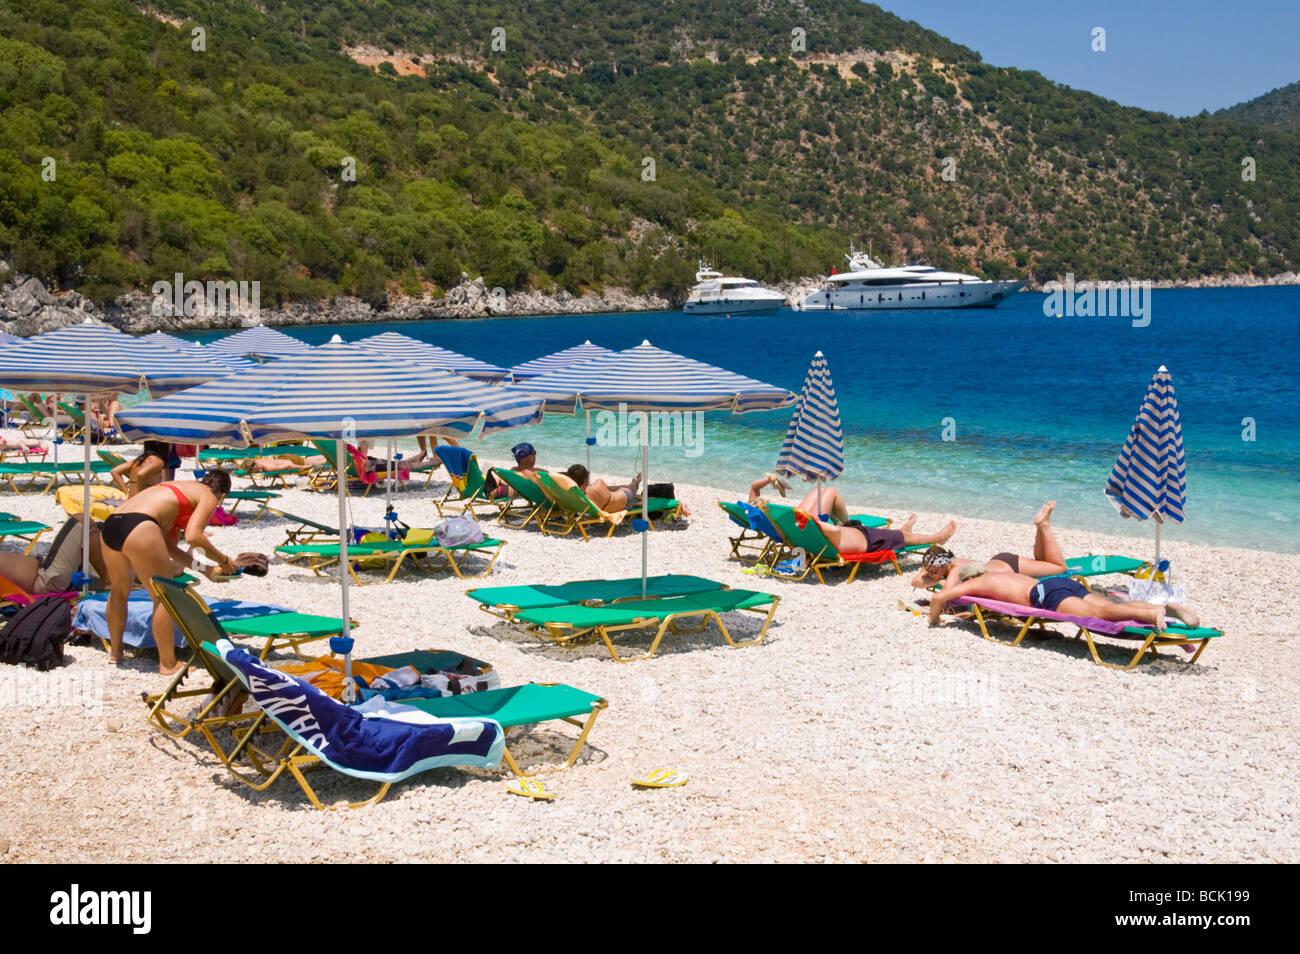 Samos Island Beaches